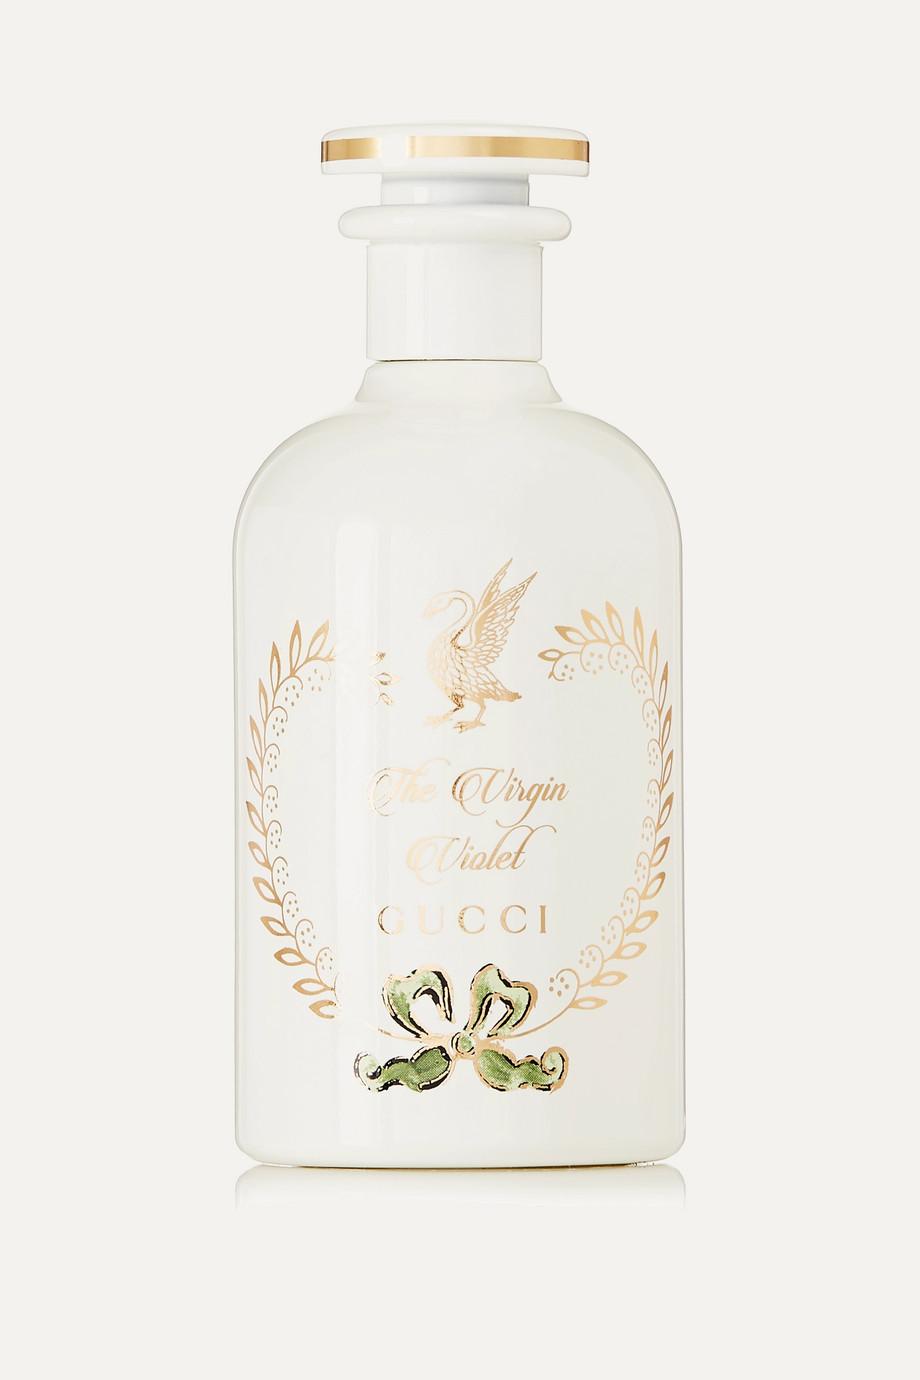 Gucci Beauty Gucci: The Alchemist's Garden - The Virgin Violet Eau de Parfum, 100ml